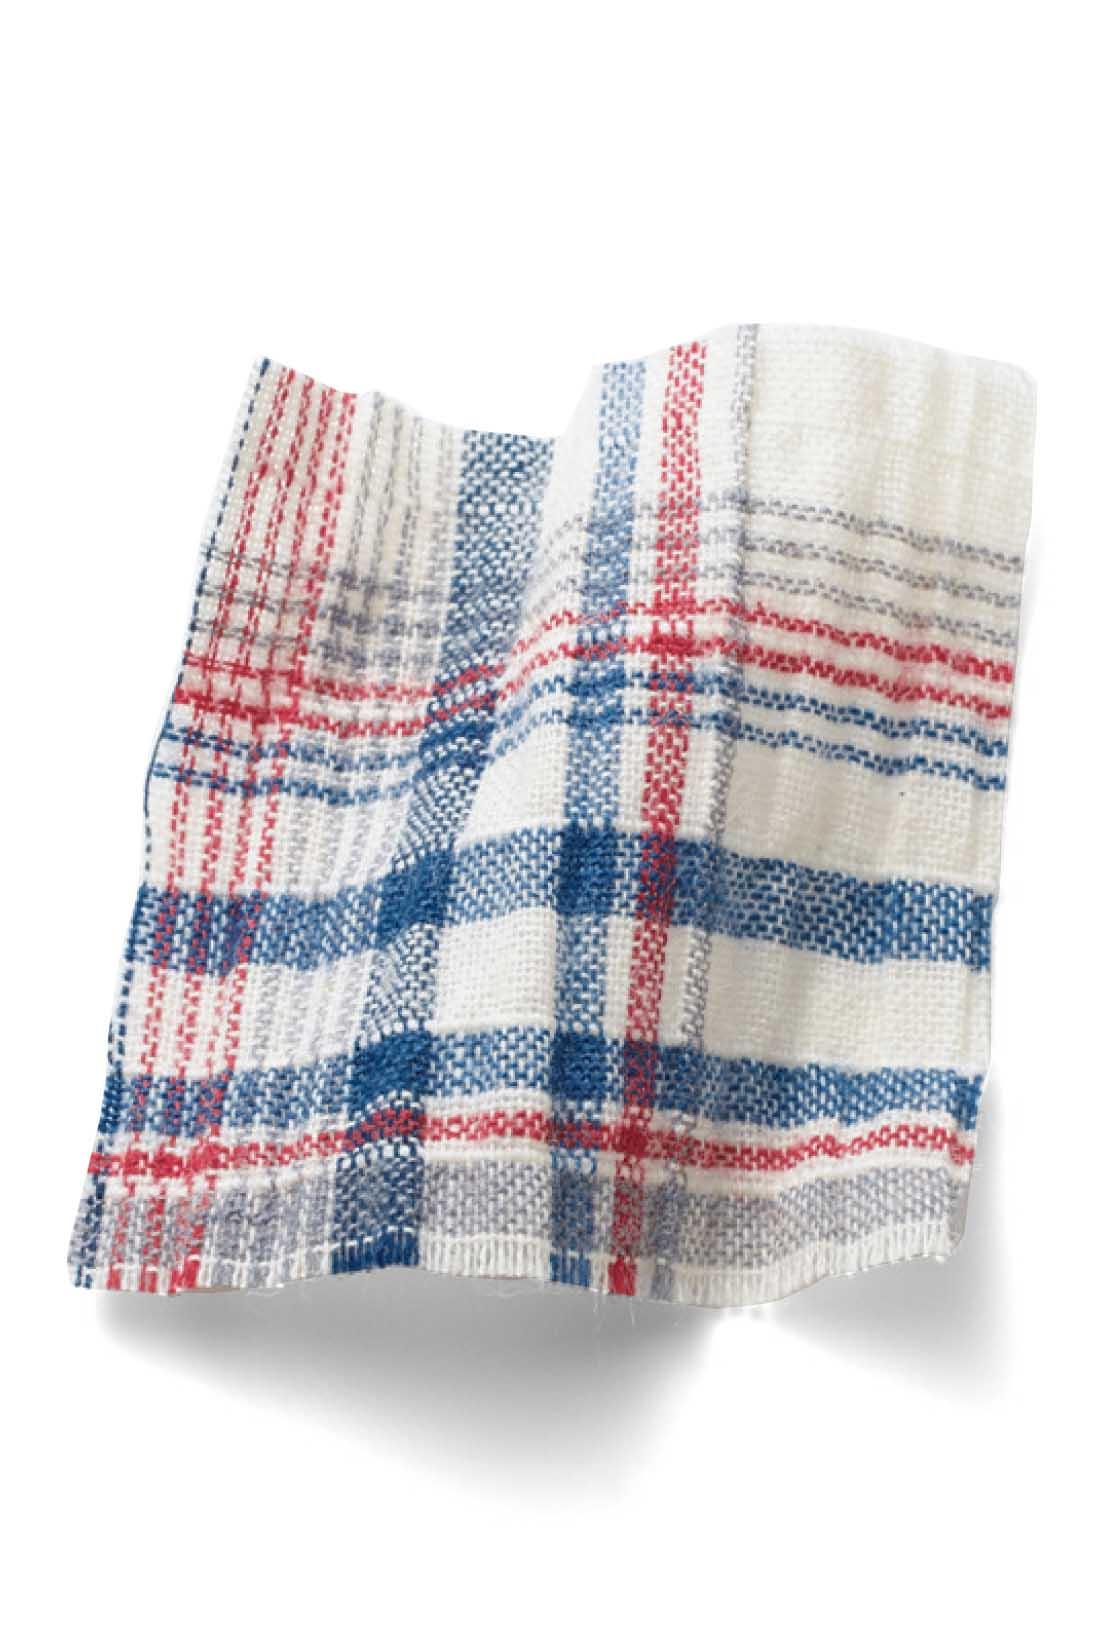 薄手の綿にストレッチ糸を入れてくしゅくしゅさせた素材。